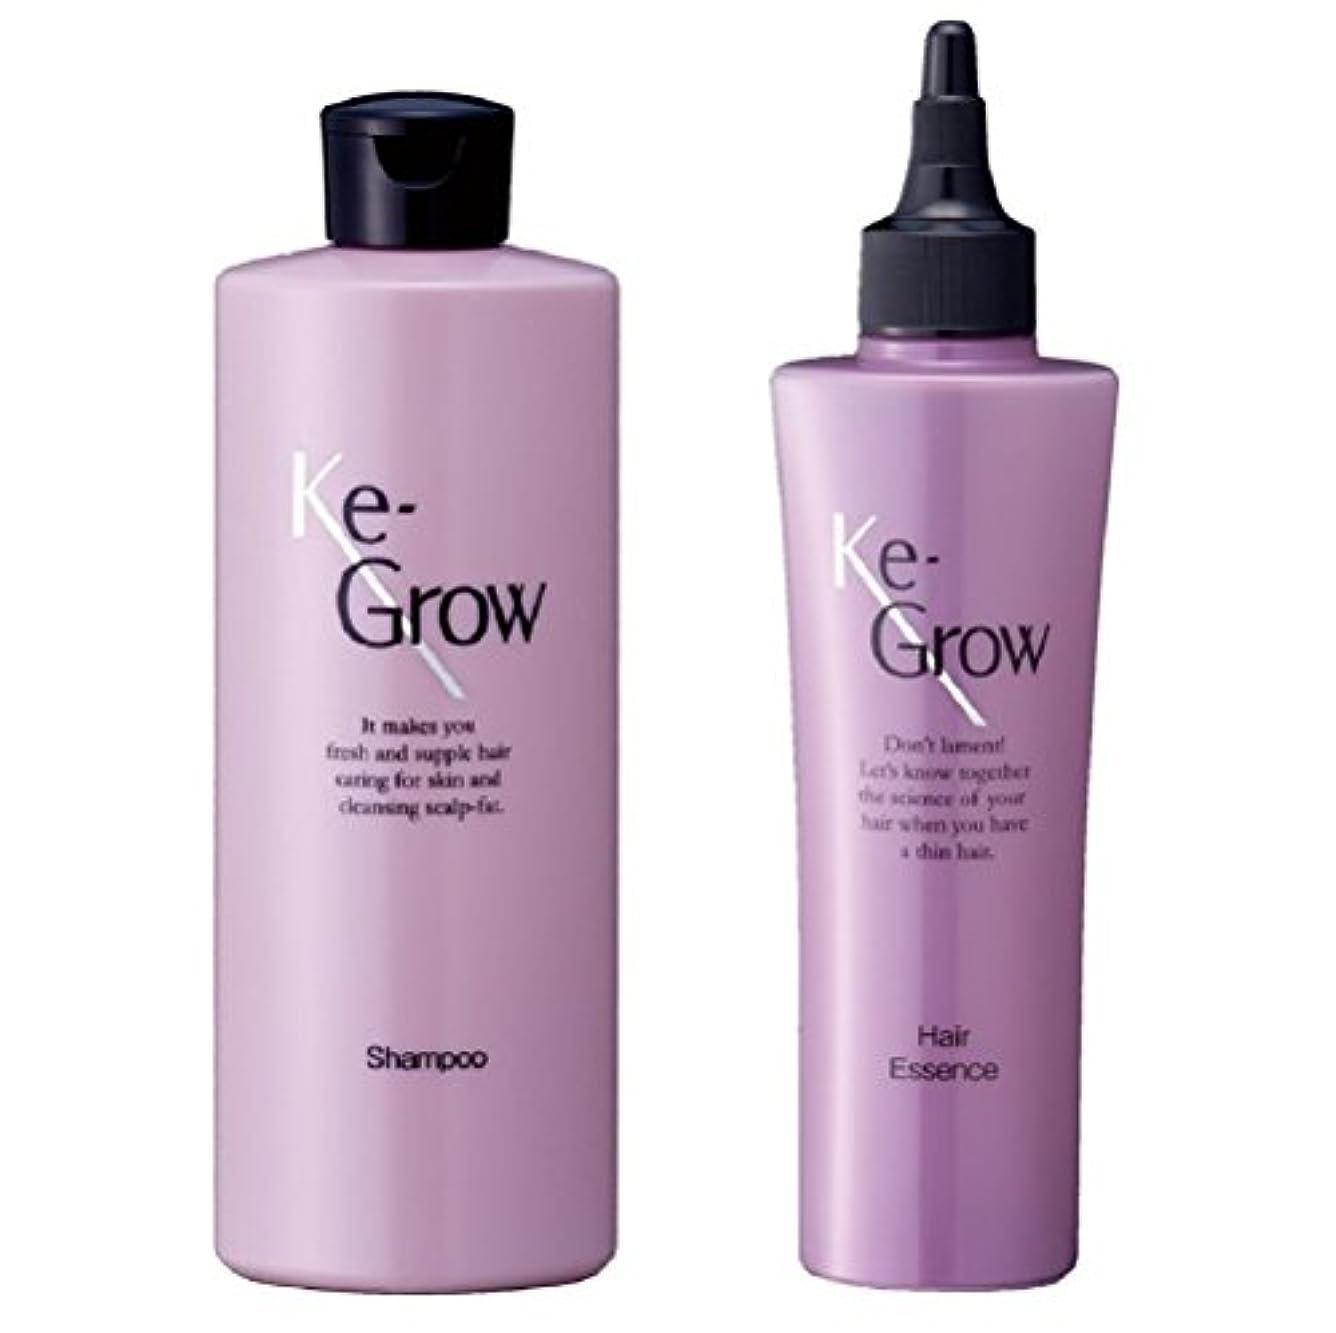 粘液支配する合法Ke-Grow 薬用ケイグロウ シャンプー 300ml & ヘアーエッセンス 150ml セット